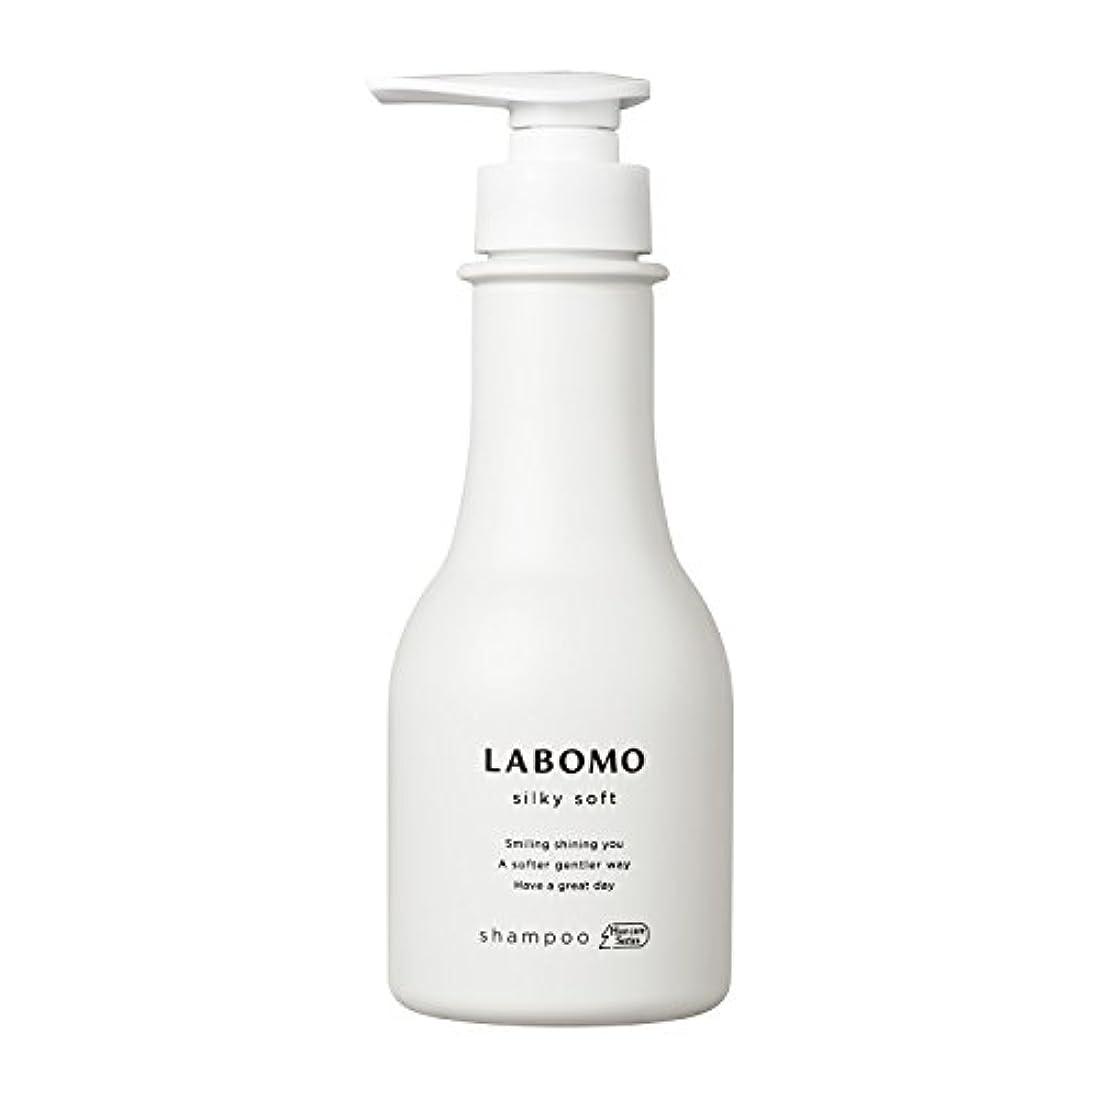 線形つまらない喉頭アートネイチャー ラボモ シルキーソフト シャンプー 《しっとり 保湿 洗い上げ ふんわり》 レディース ダメージケア(医薬部外品) 日本製